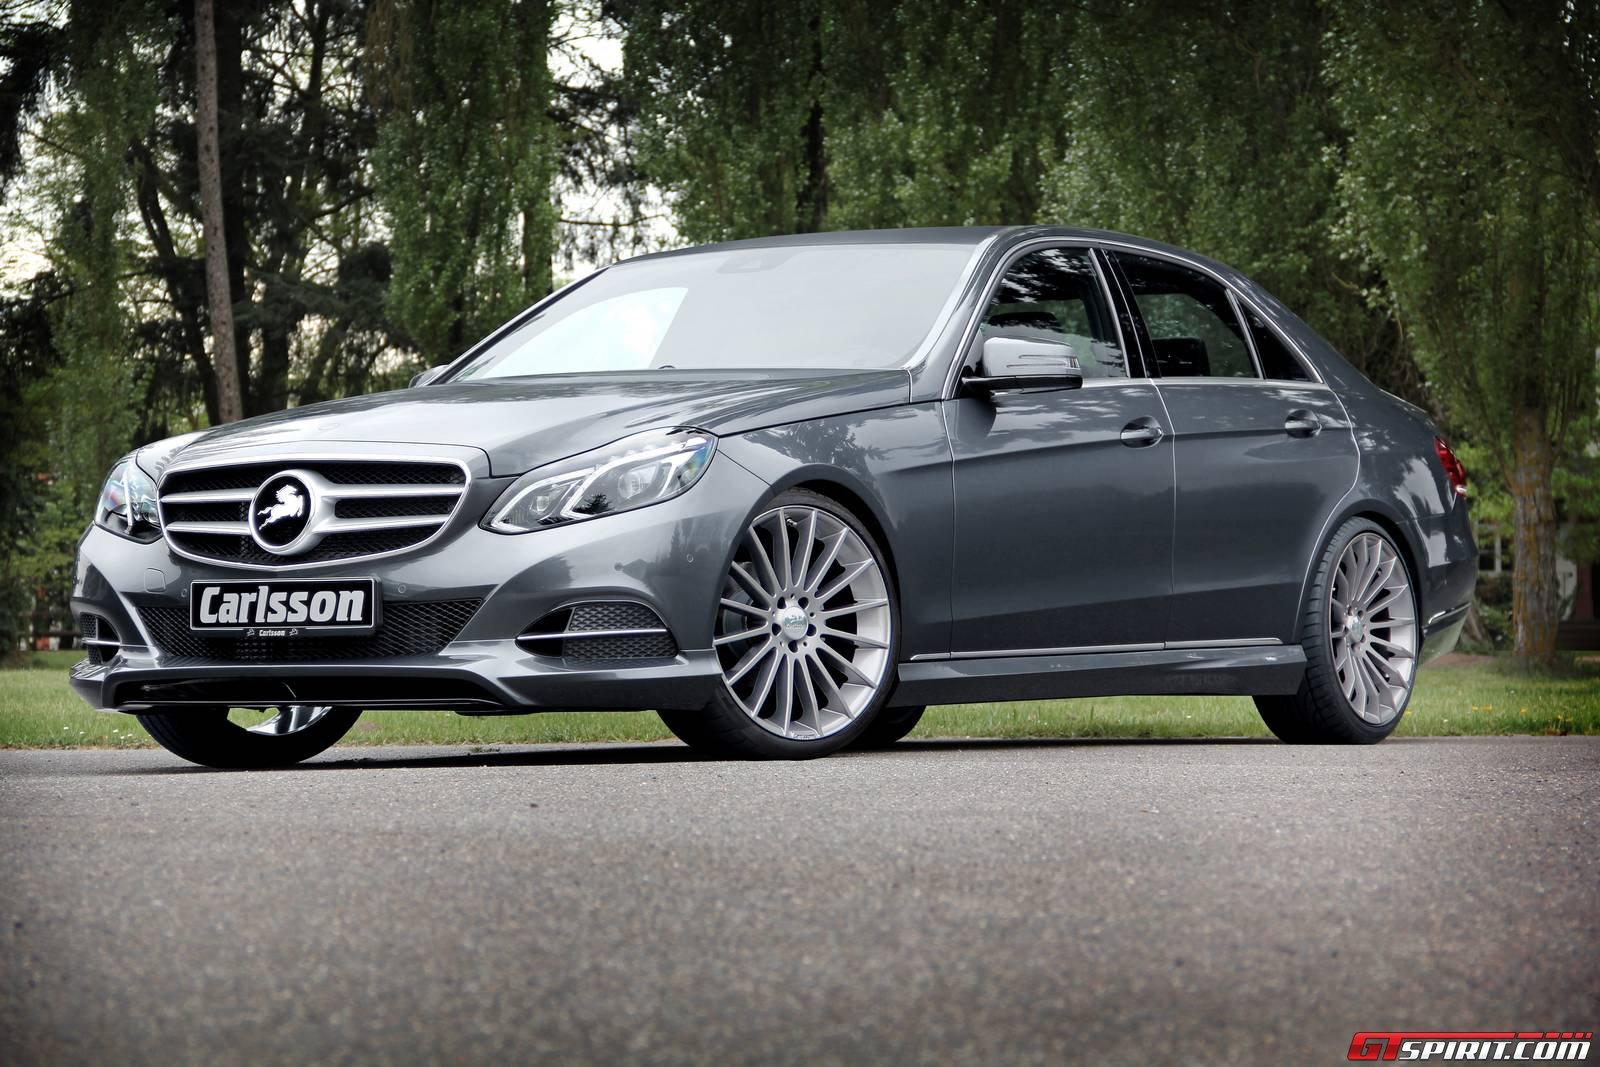 Official Carlsson Ck50 Mercedes Benz E Class Gtspirit